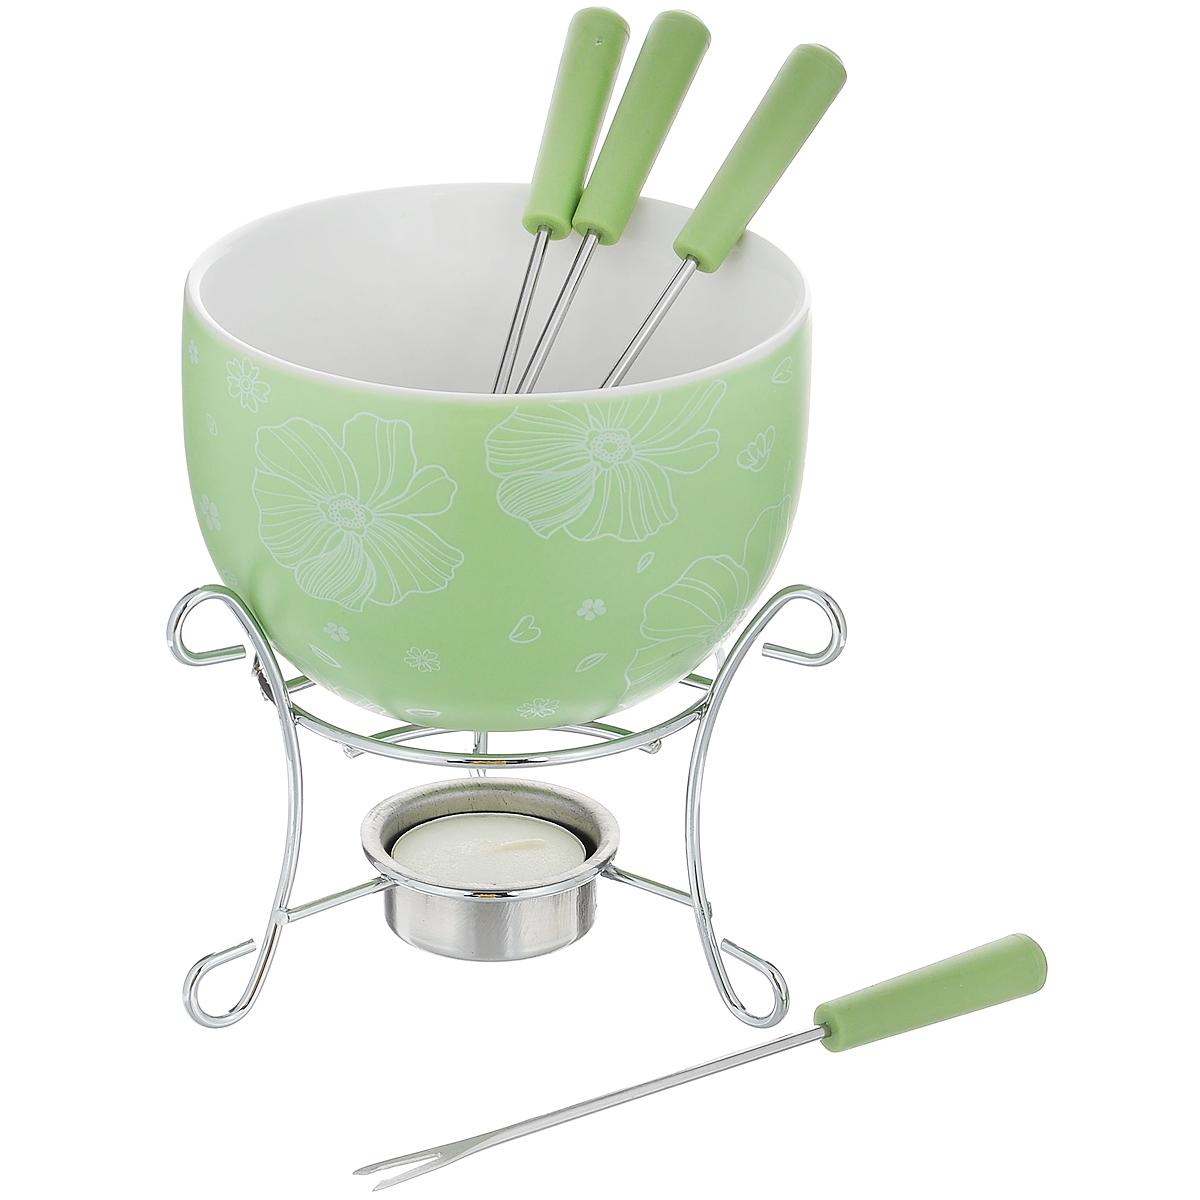 Набор для фондю Fissman Mini, цвет: зеленый, 8 предметовFD-6.307.6Набор для фондю Fissman Mini состоит из чаши, подставки с подсвечником и 4 вилочек. Чаша изготовлена из глазурованной керамики и декорирована цветочным рисунком. В центре подставки устанавливается свеча-таблетка (входит в комплект), сверху ставится чаша. В наборе имеется 4 вилочки с пластиковыми ручками.В чашечке растапливается шоколад, на вилочки насаживается зефир или фрукты - и вот нехитрый, но очень привлекательный способ украсить вечер в компании самых дорогих и любимых.Диаметр чаши (по верхнему краю): 11,5 см.Высота чаши: 7 см.Высота подставки: 8,5 см.Диаметр отверстия для свечи: 4 см.Длина вилочки: 15 см.